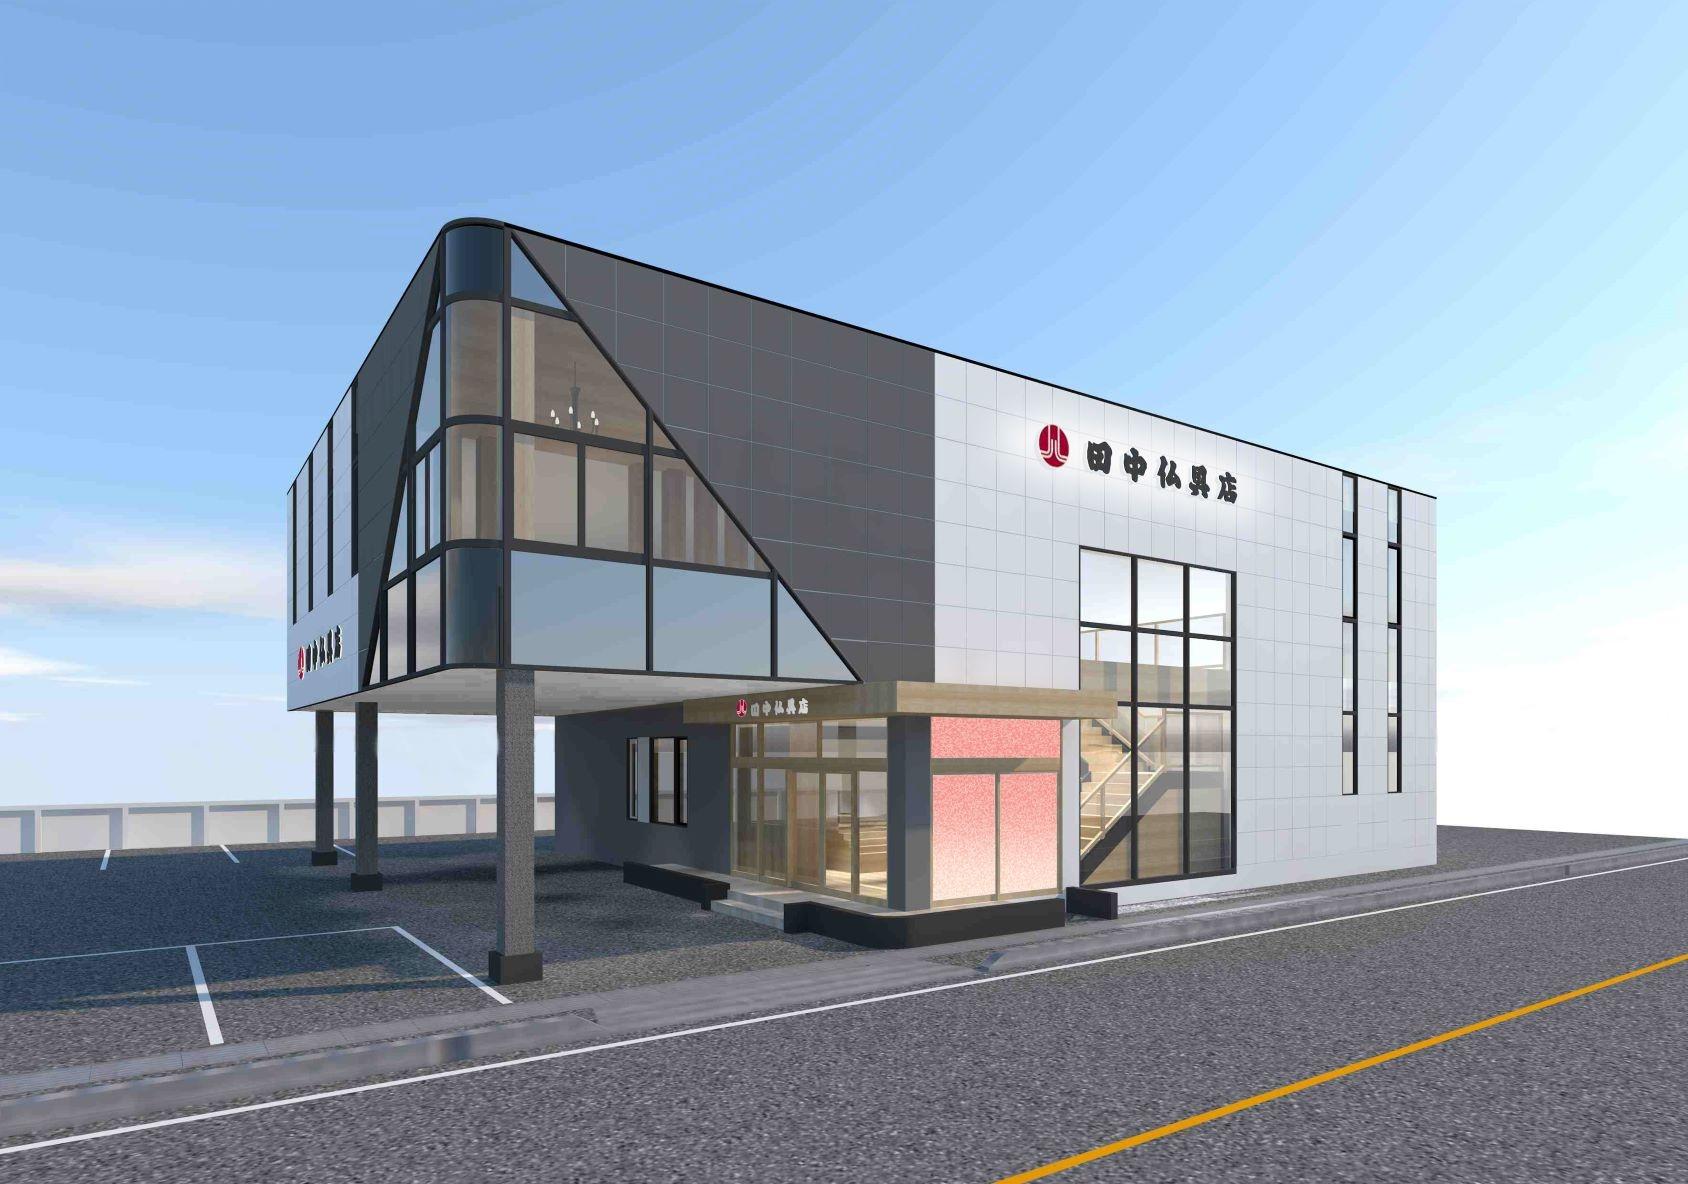 蒲郡市拾石町にある広い駐車場を完備した店舗